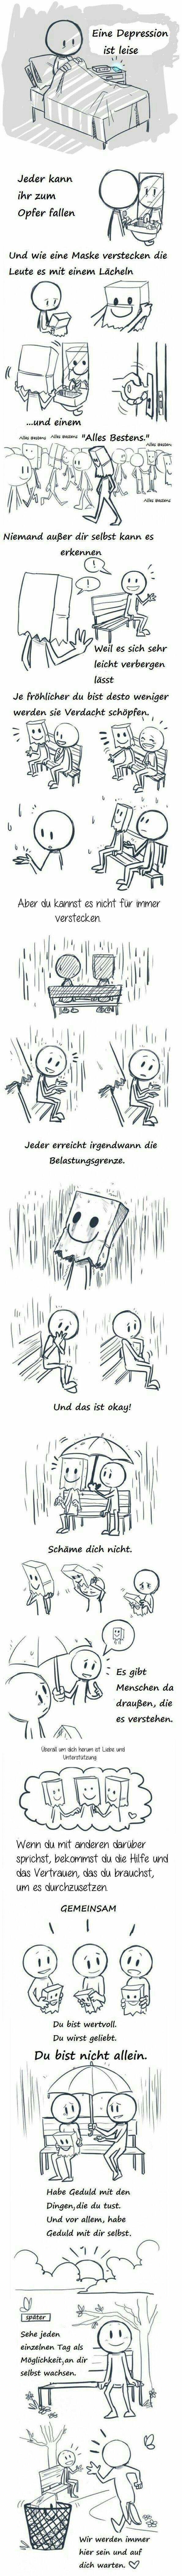 Les 67 meilleures images du tableau Depression sur Pinterest ...